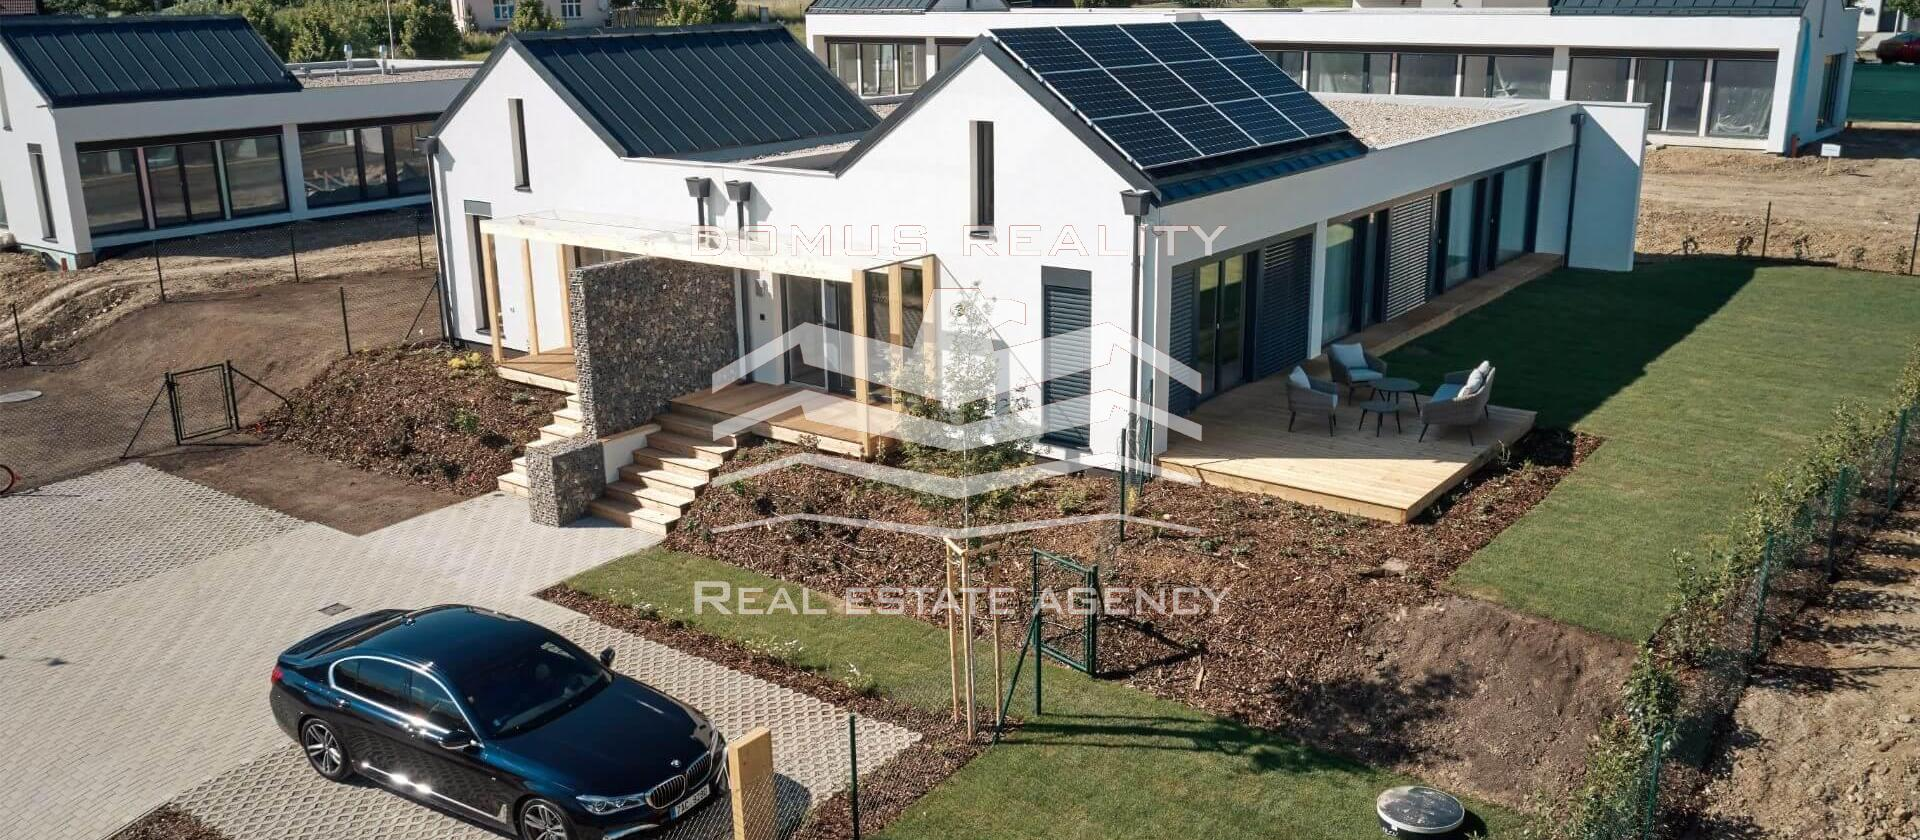 Moderní a ekologické bydlení na výjimečném místě – to je projekt Black Roofs